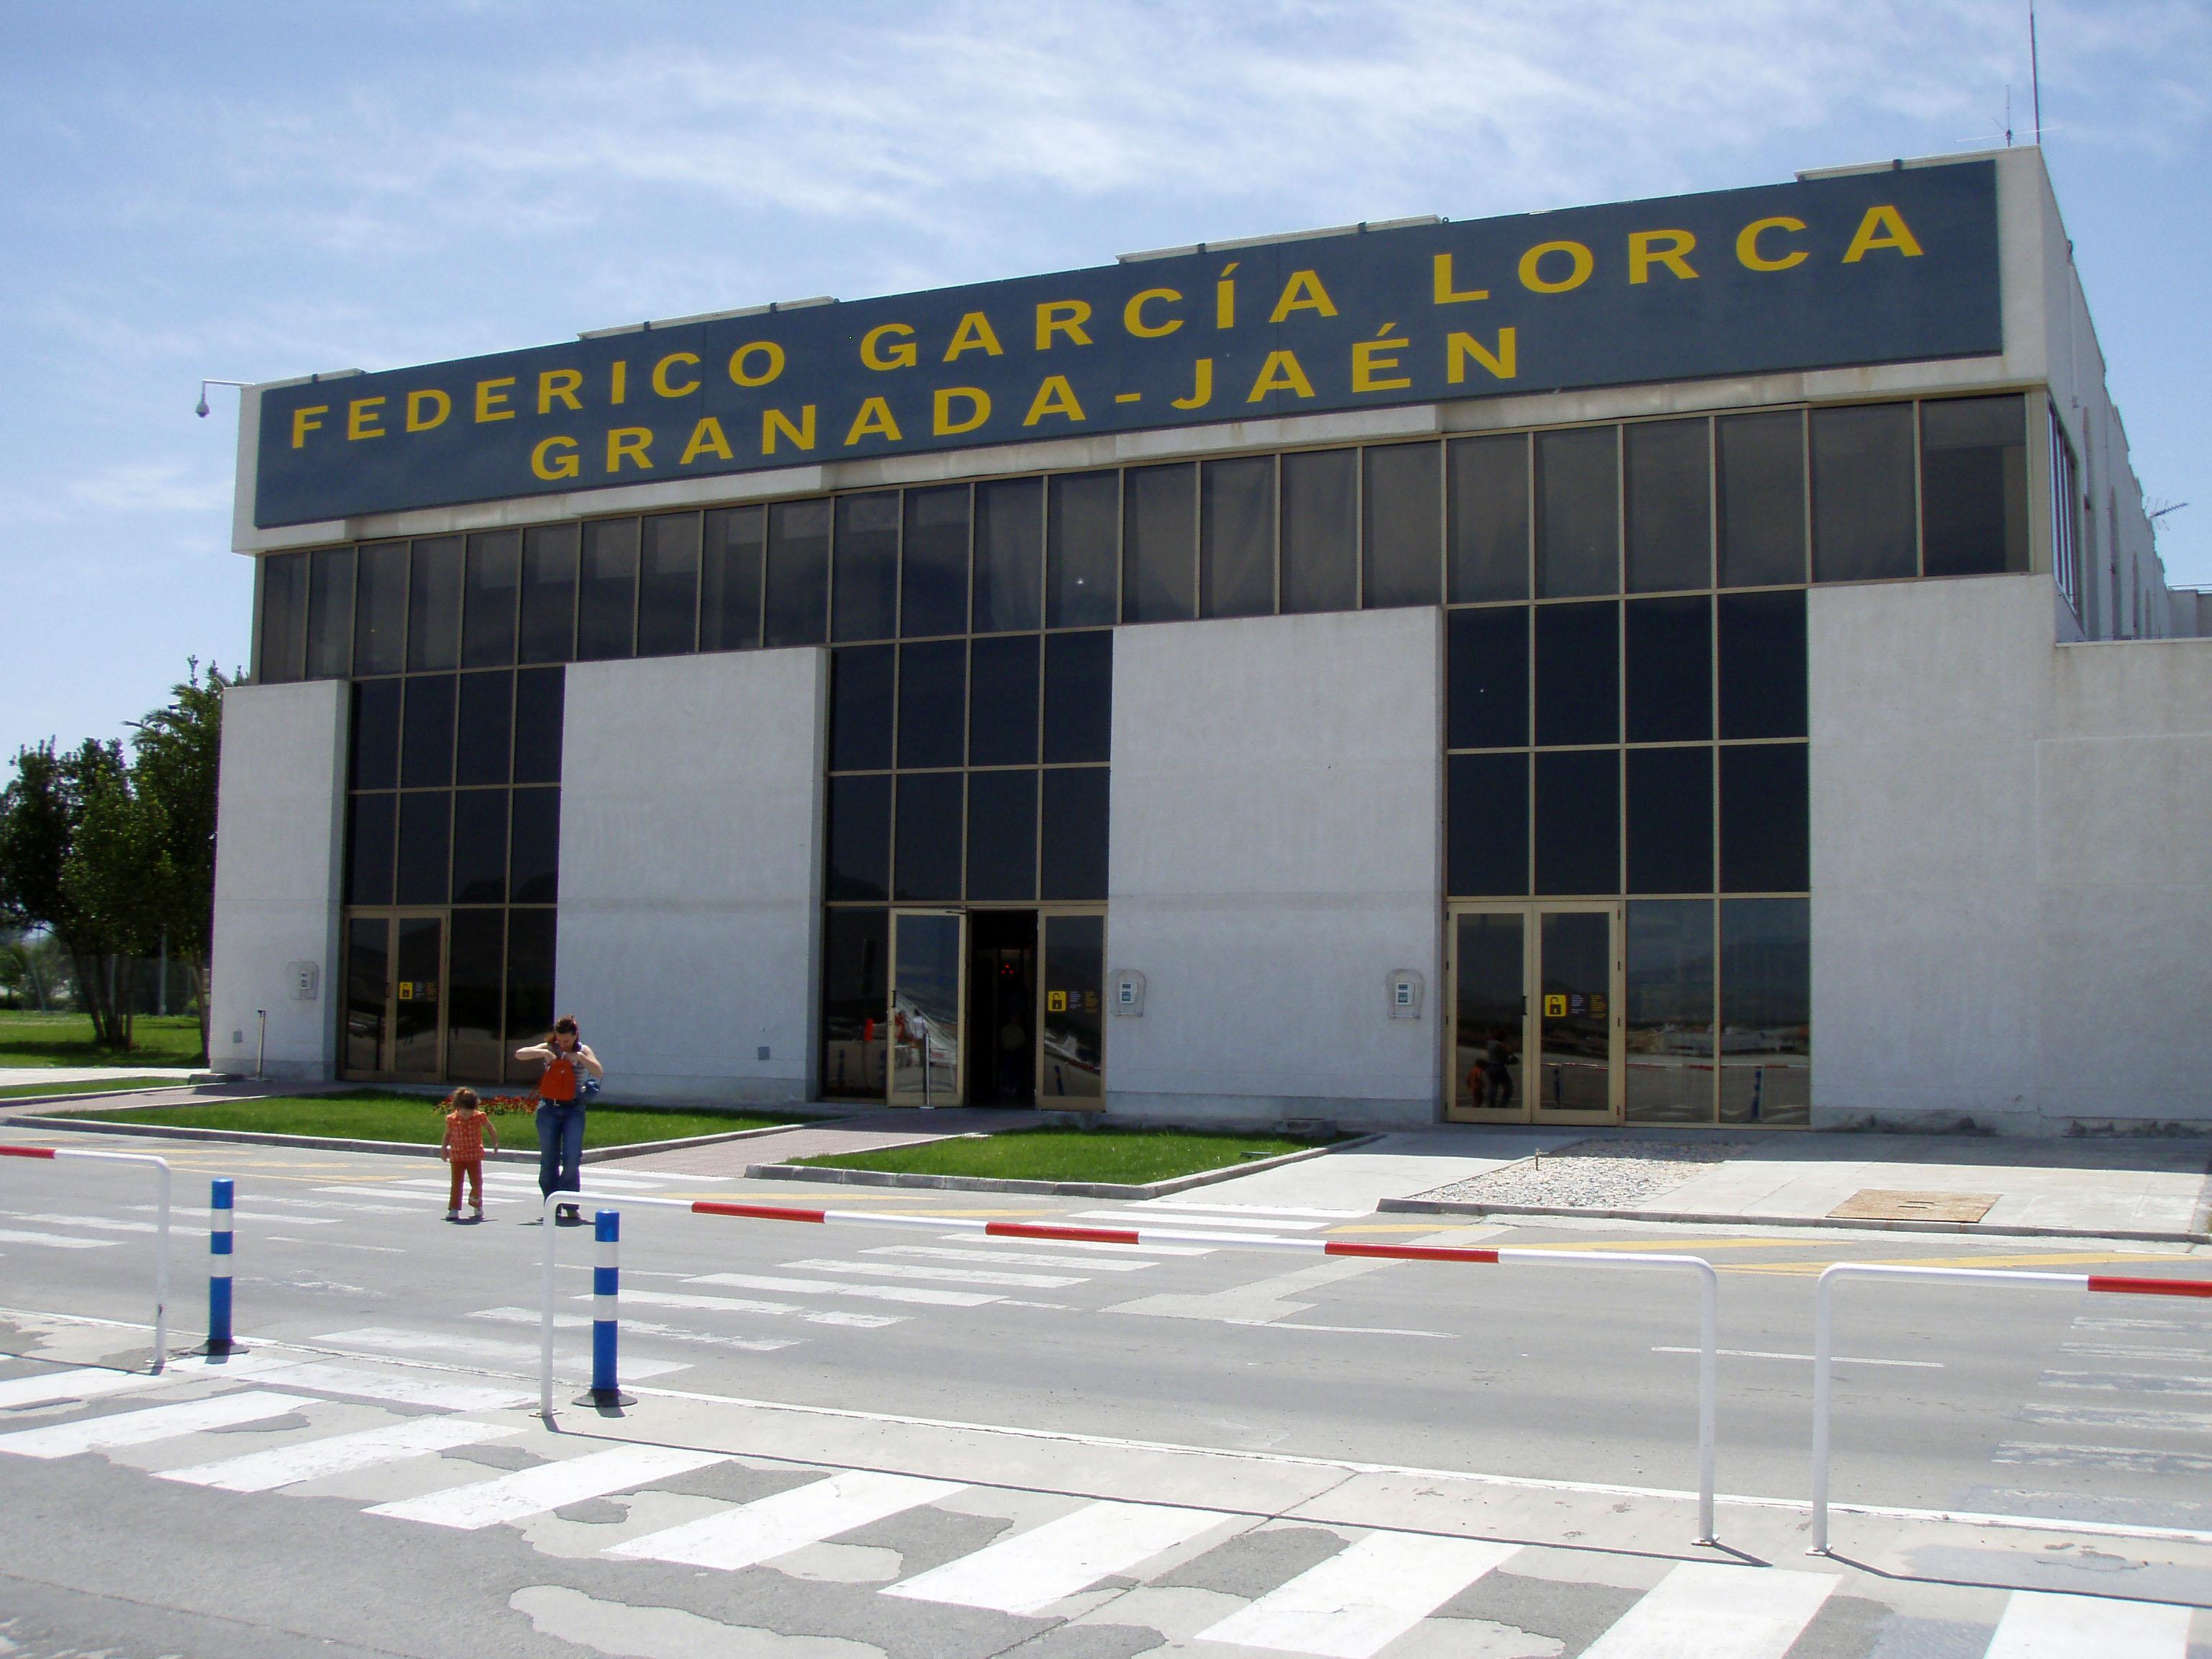 Aeroport De Malaga Centre Ville De Malaga En V Ef Bf Bdlo